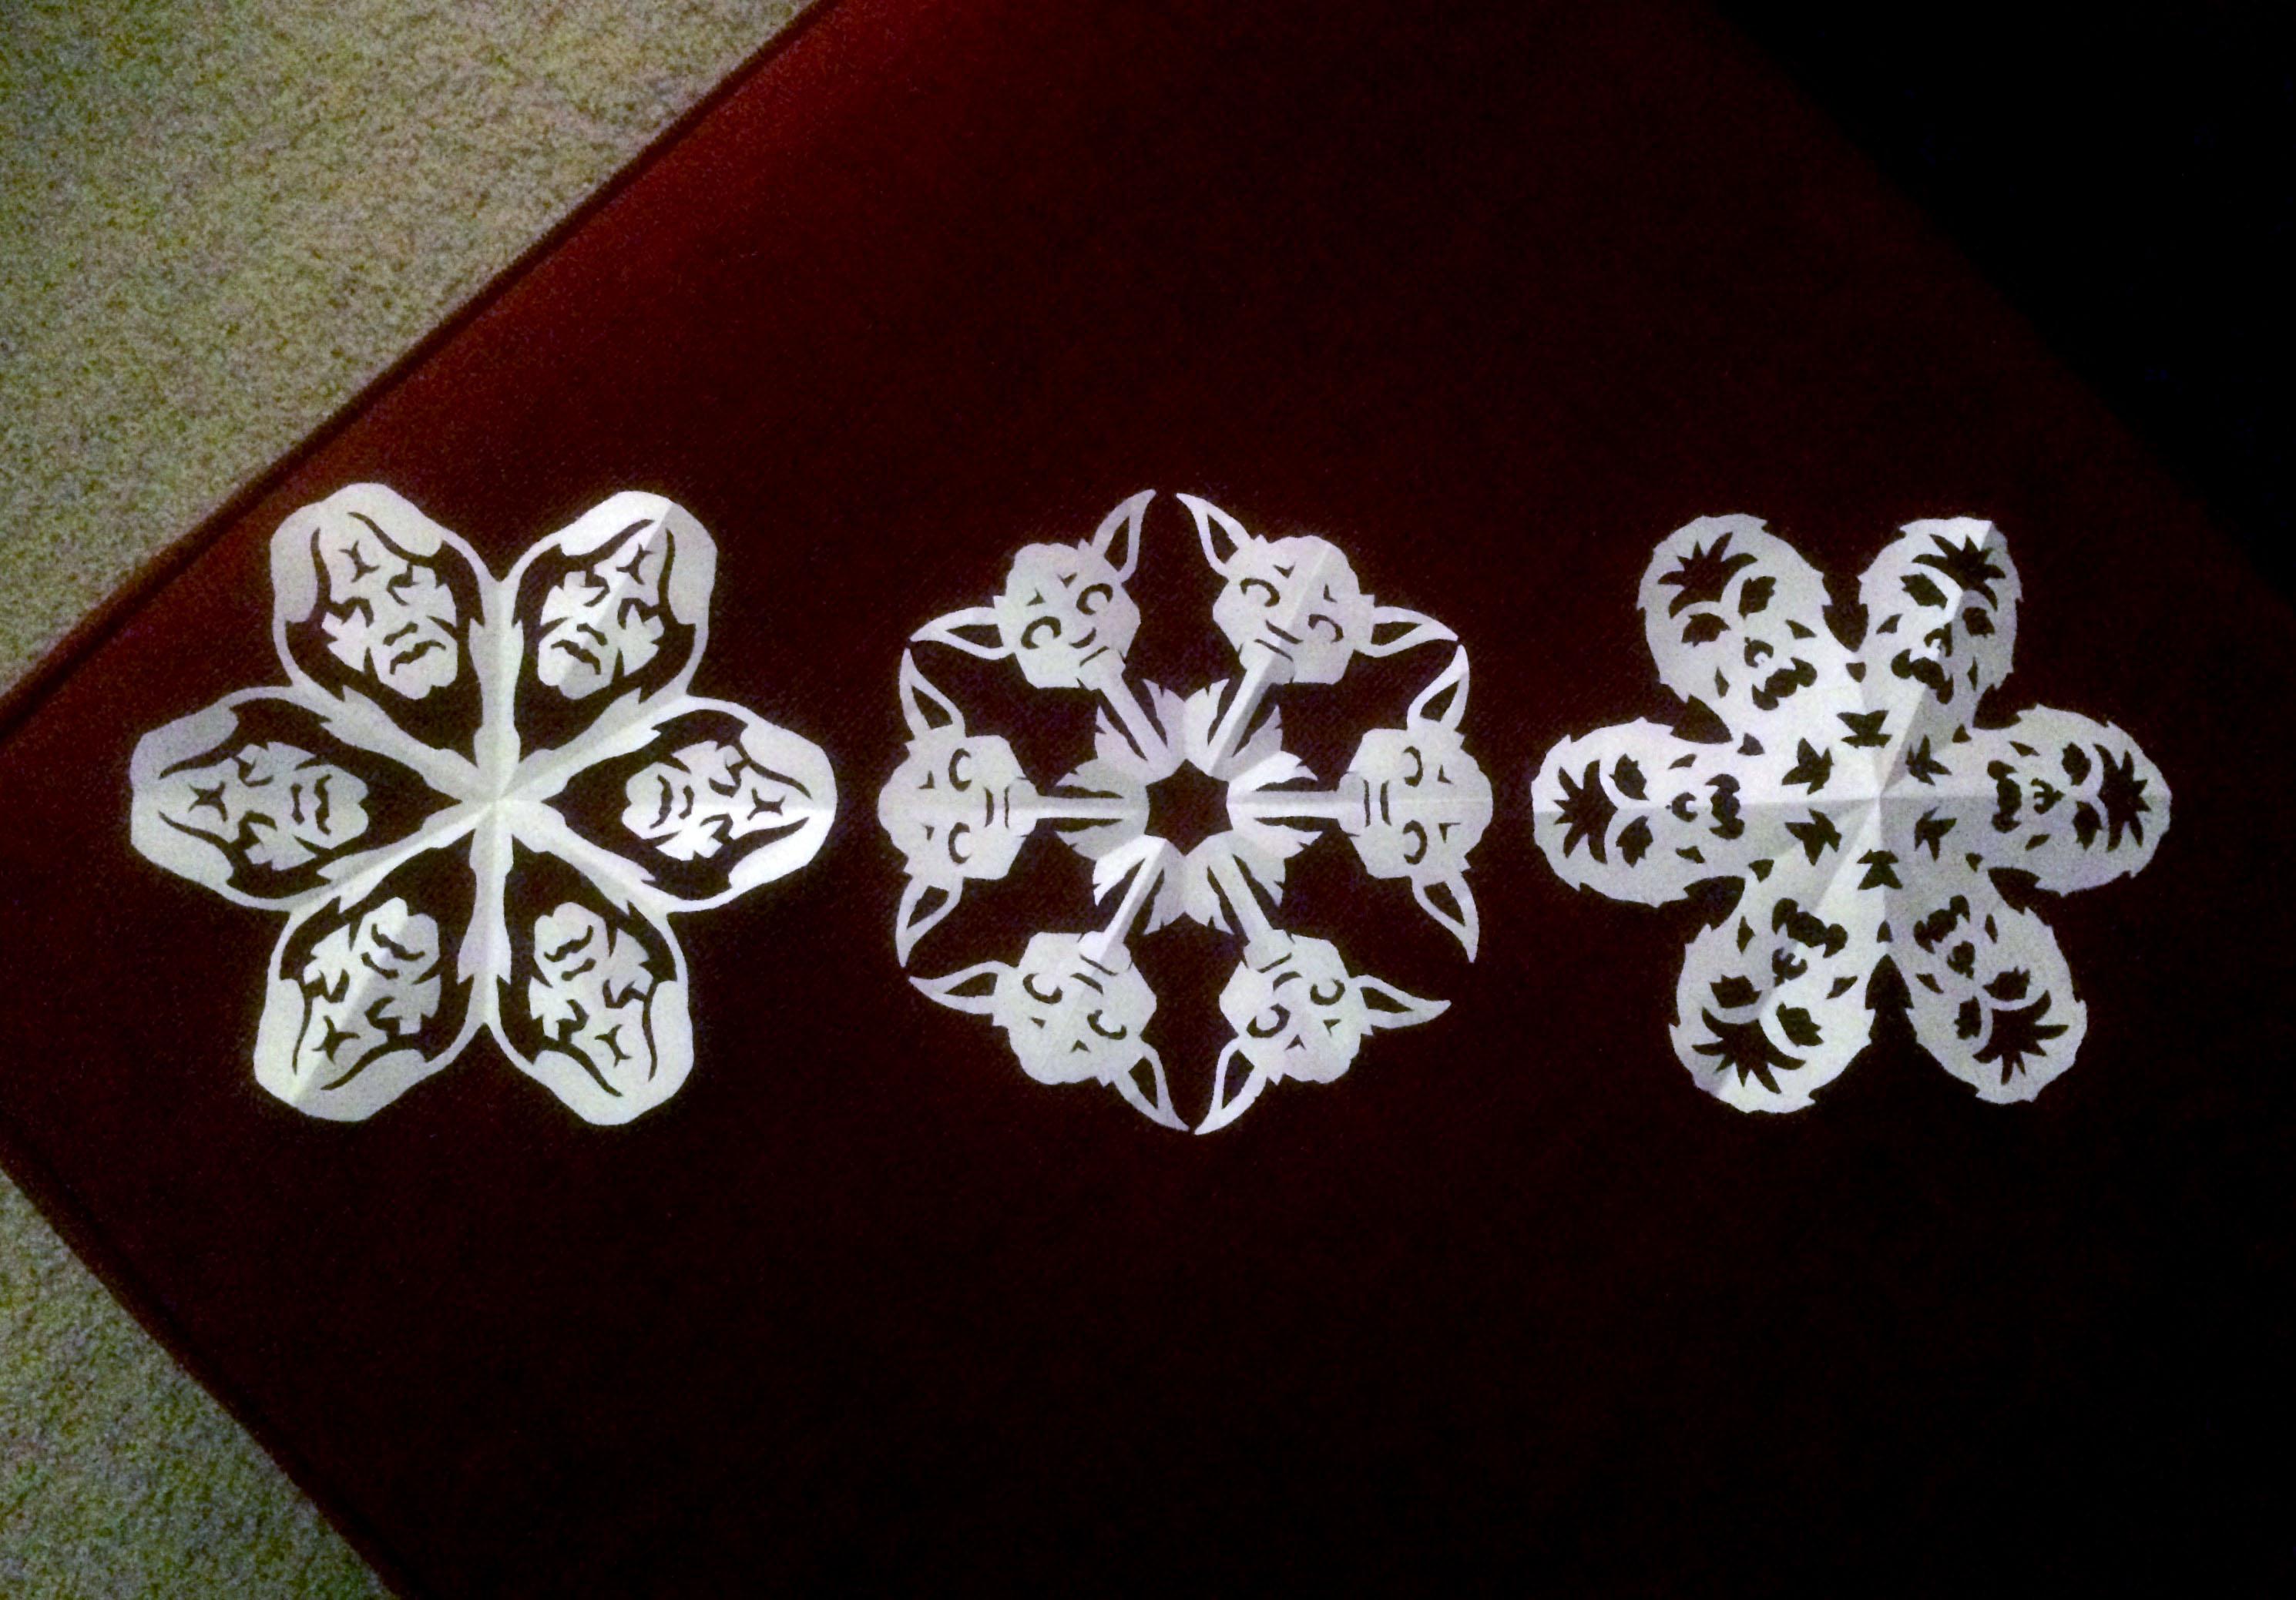 Объемные снежинки из бумаги своими руками на новый год 2019: фото